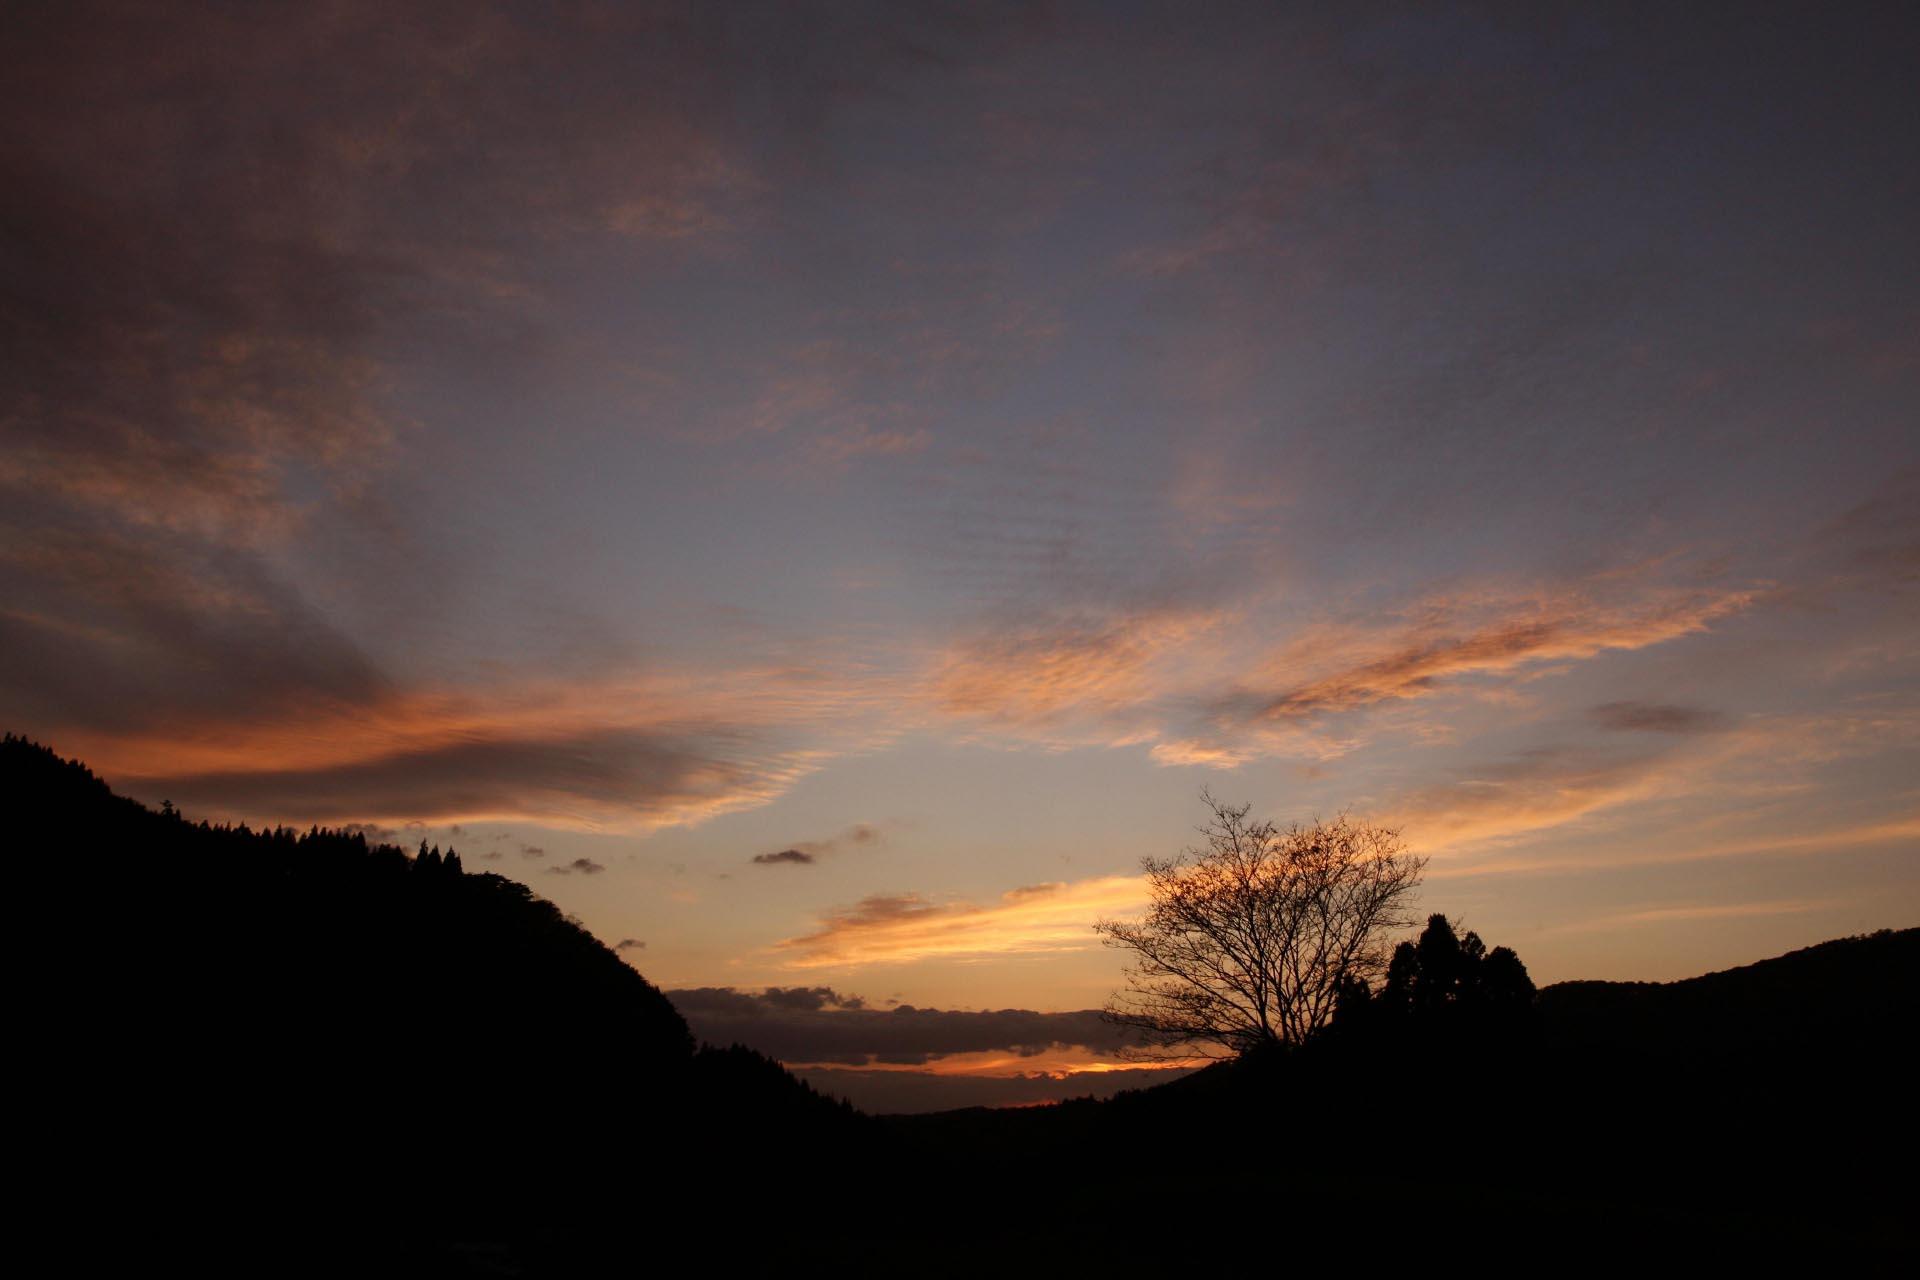 遠野の夕暮れ 岩手の風景